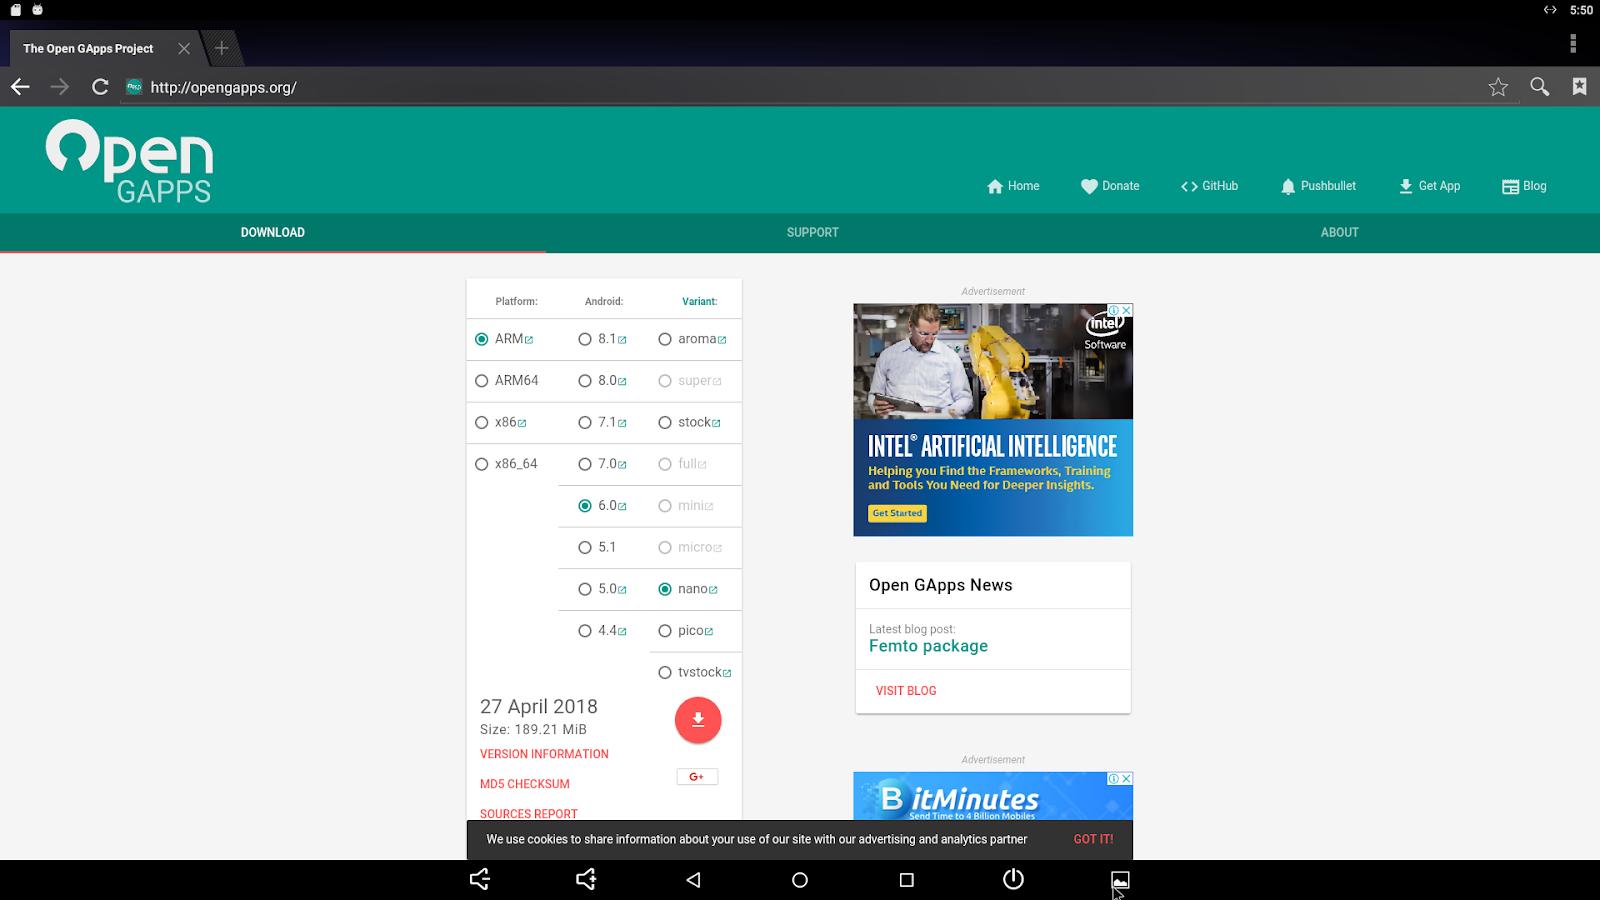 Codewalker: Make Google Home with ODROID-C2